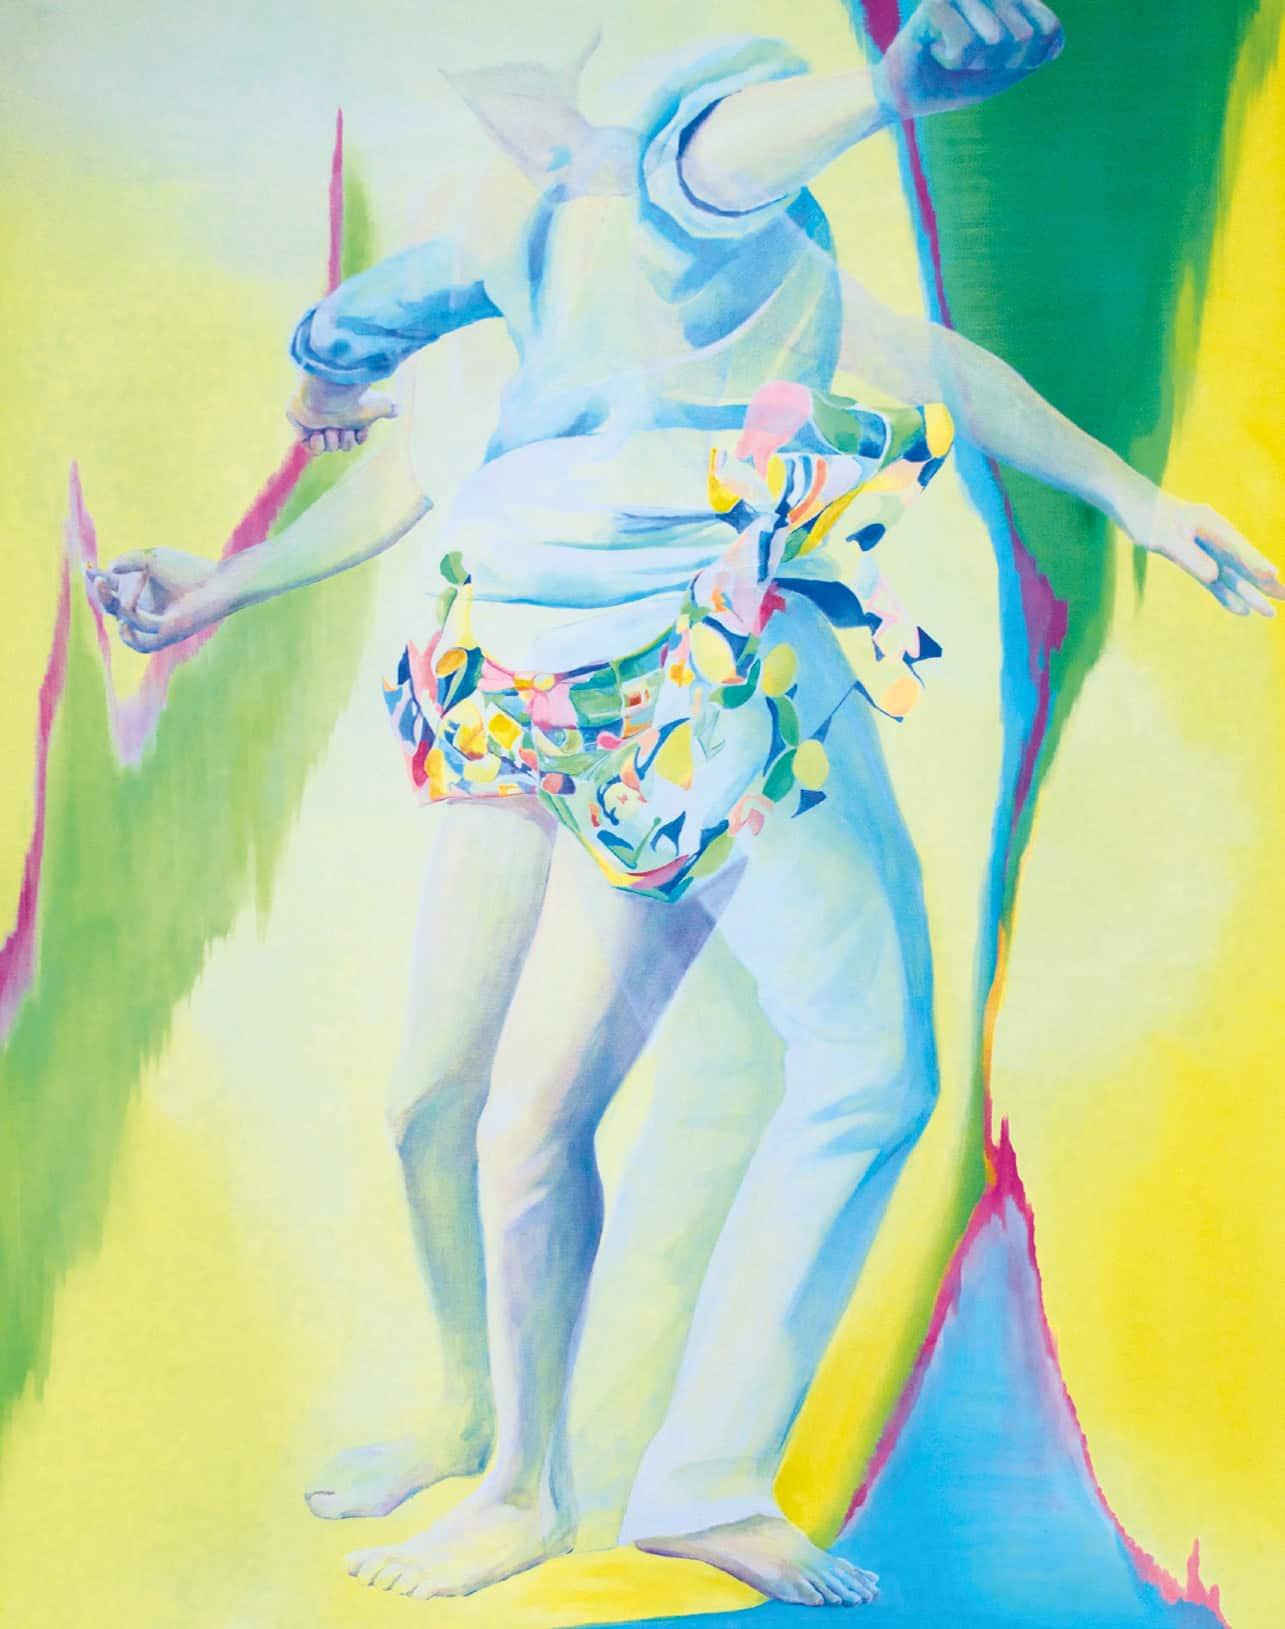 Dossier Peindre le corps : témoignages de femmes